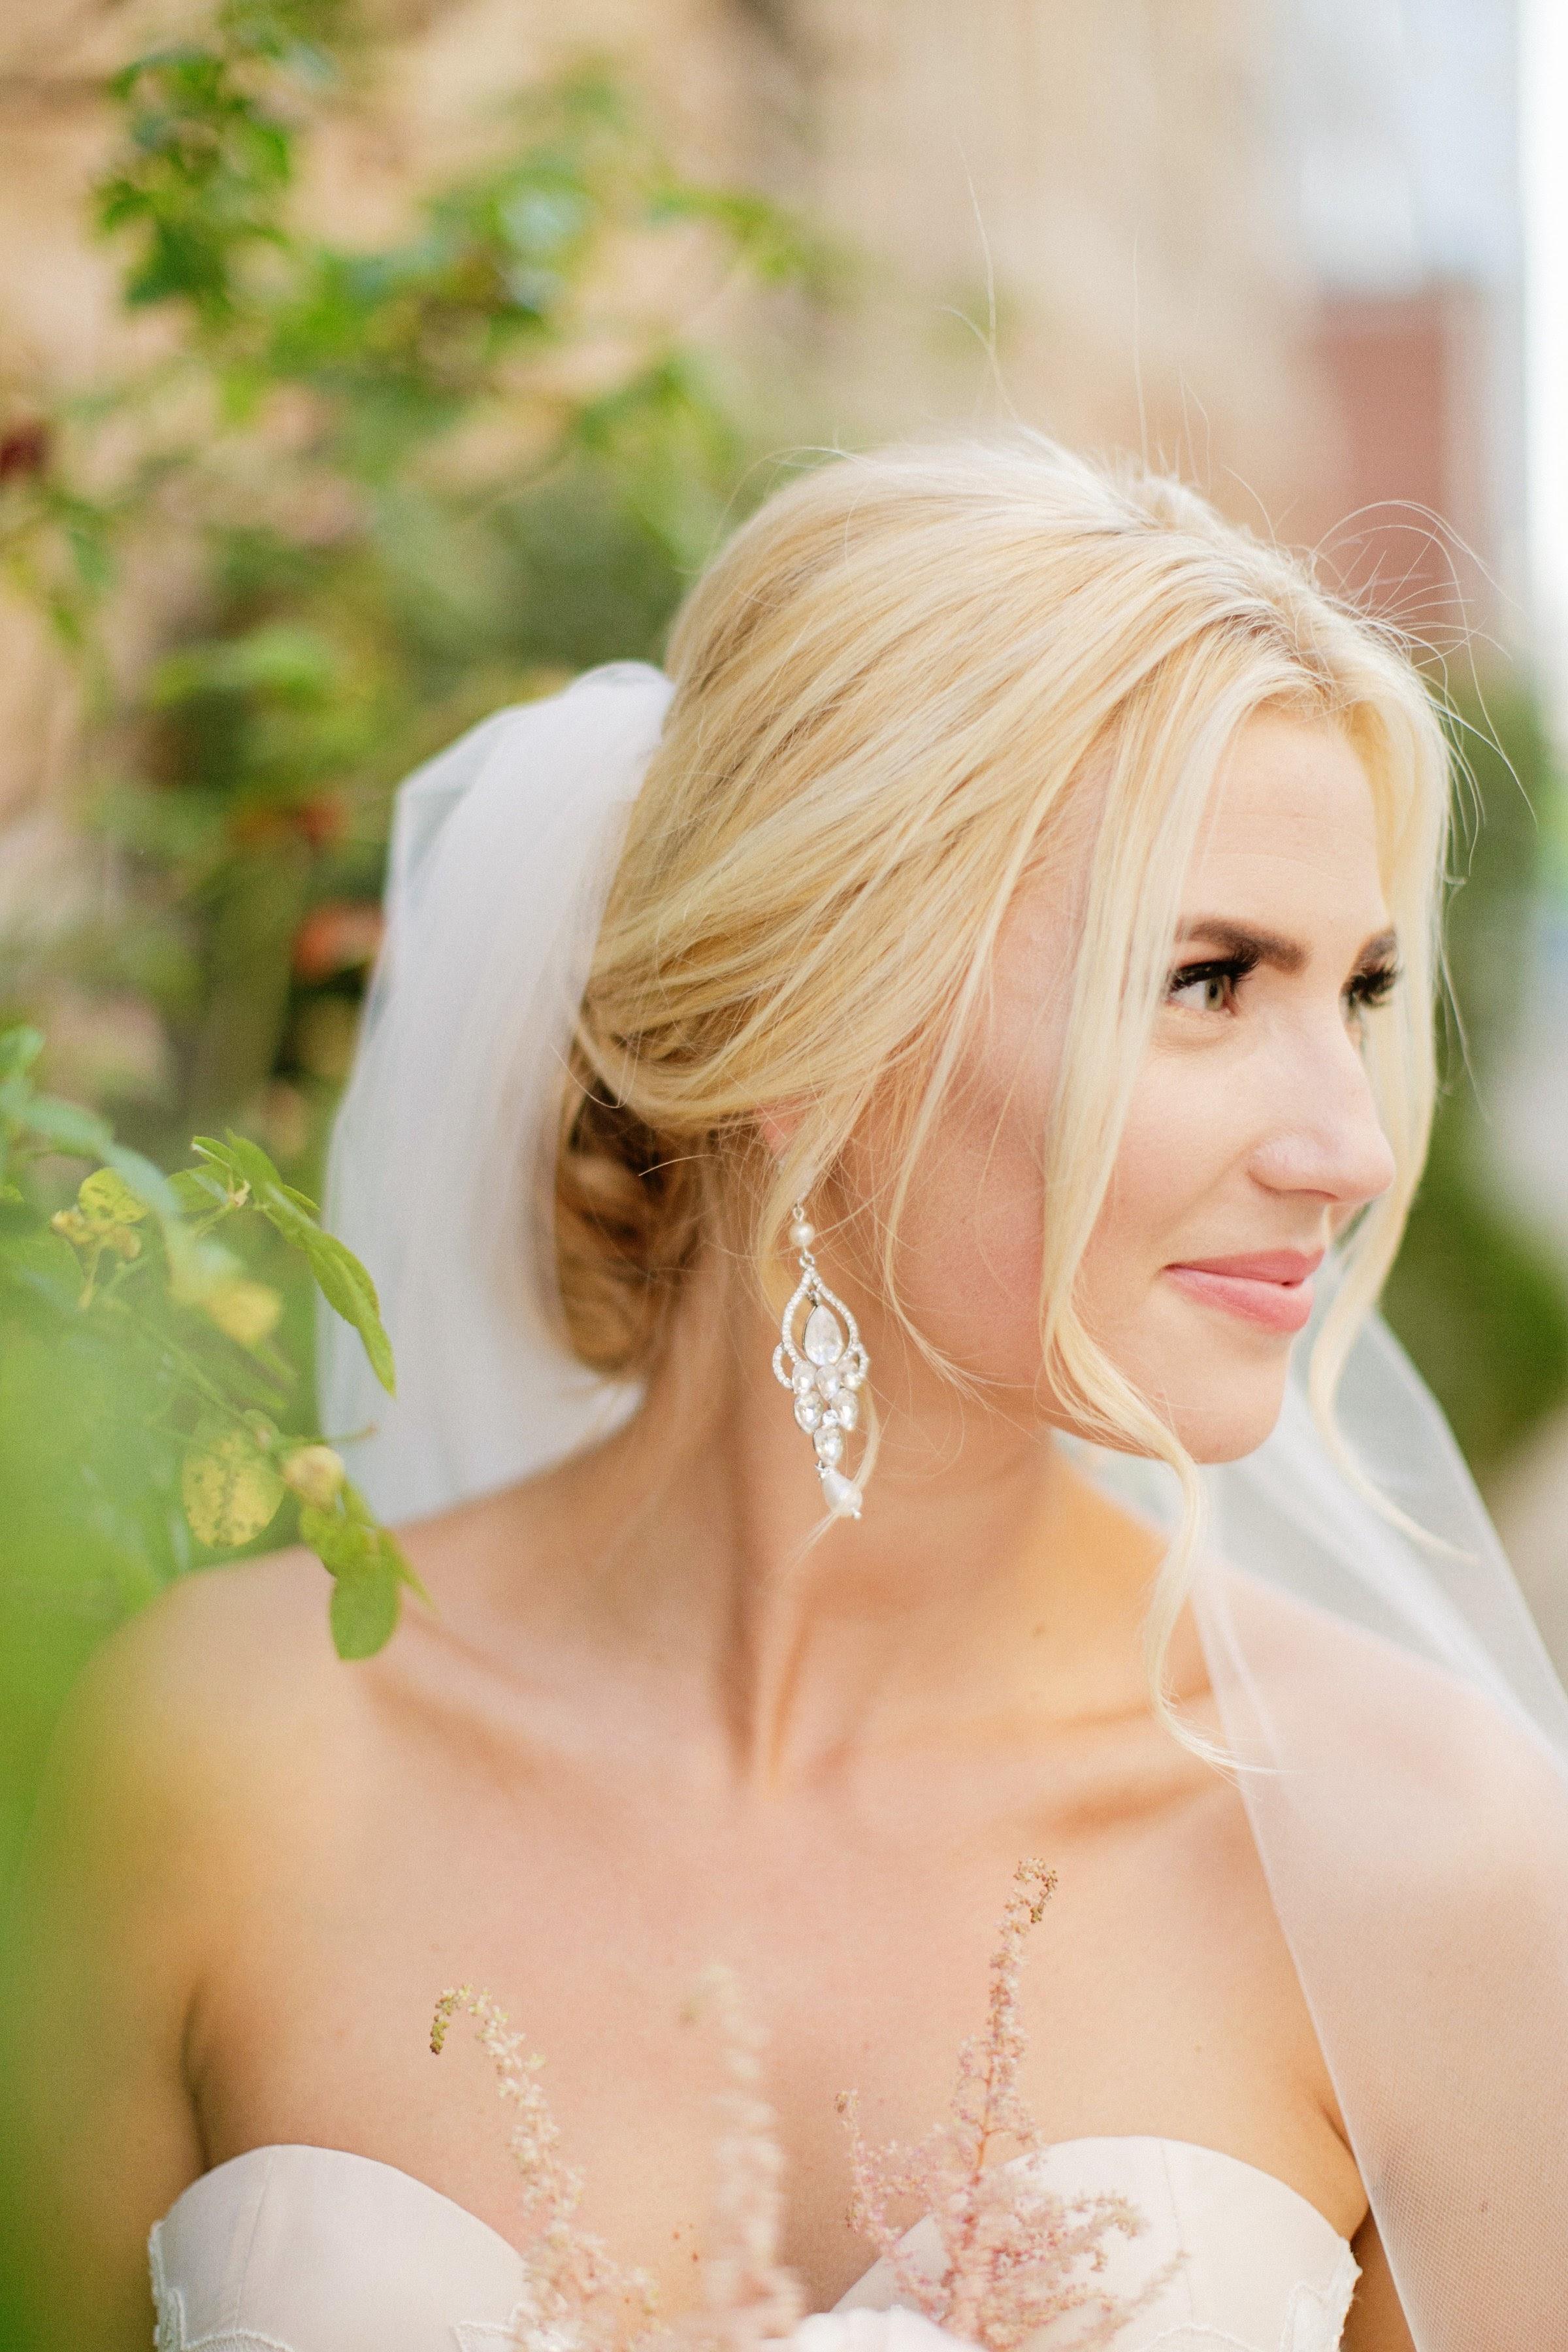 Bridal Earrings - Chandelier Earrings